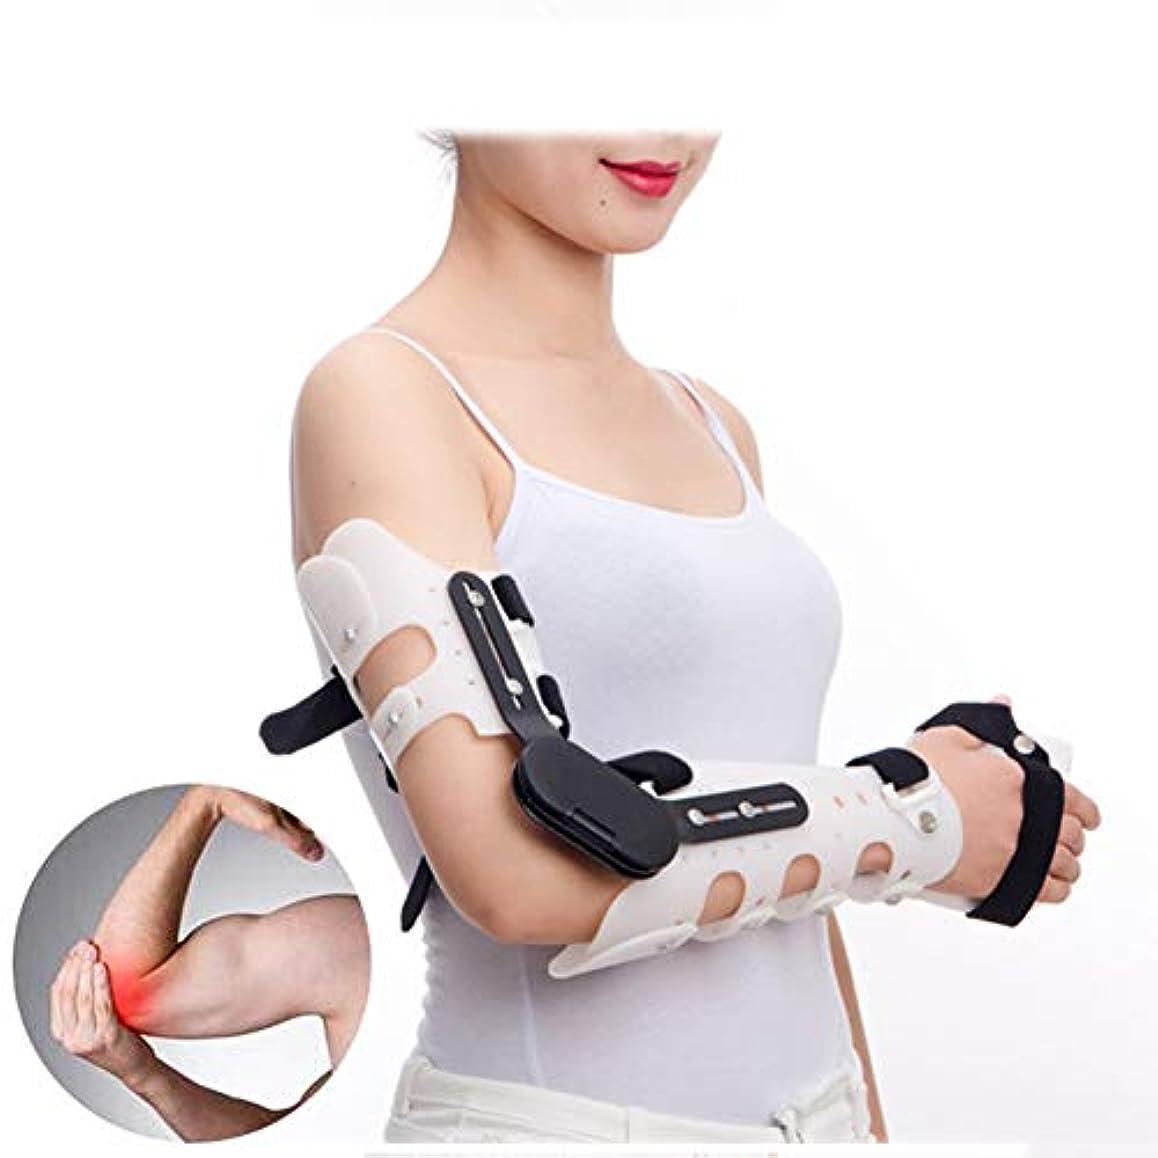 絶滅原点想像する骨折した腕の肘のための腕サポート腕の吊り鎖、鎮痛剤および固定のための装具ROMのためのサポート肘 - 1サイズ - 男女兼用